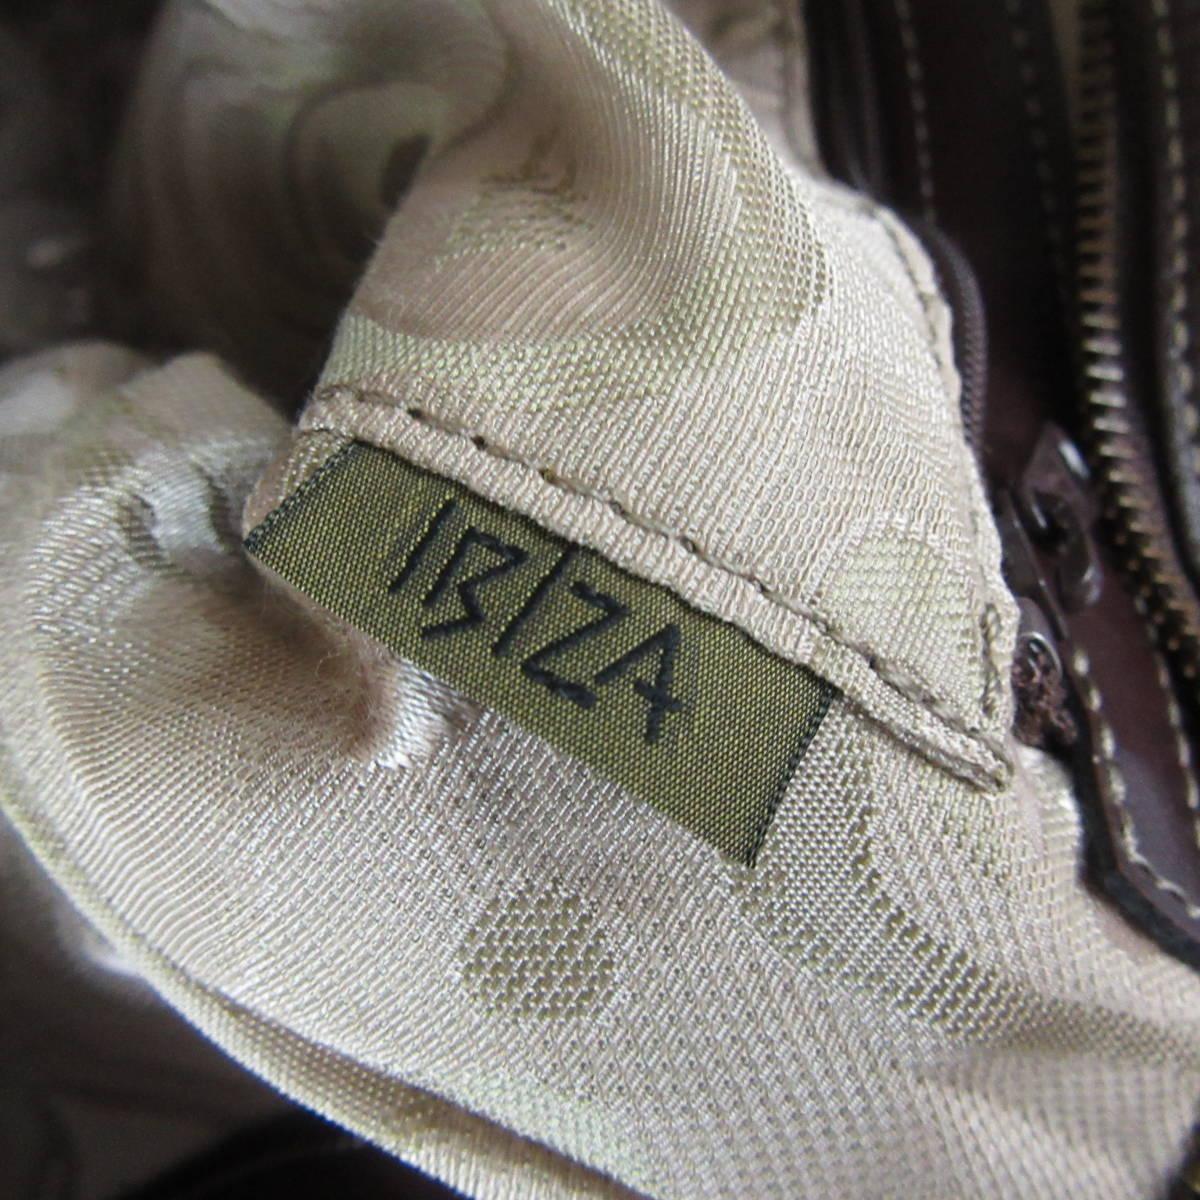 IBIZA イビザ ナイロン×レザー フラワーワッペン ハンドバッグ 保存袋 ブラウン×ベージュ系 東KK_画像5